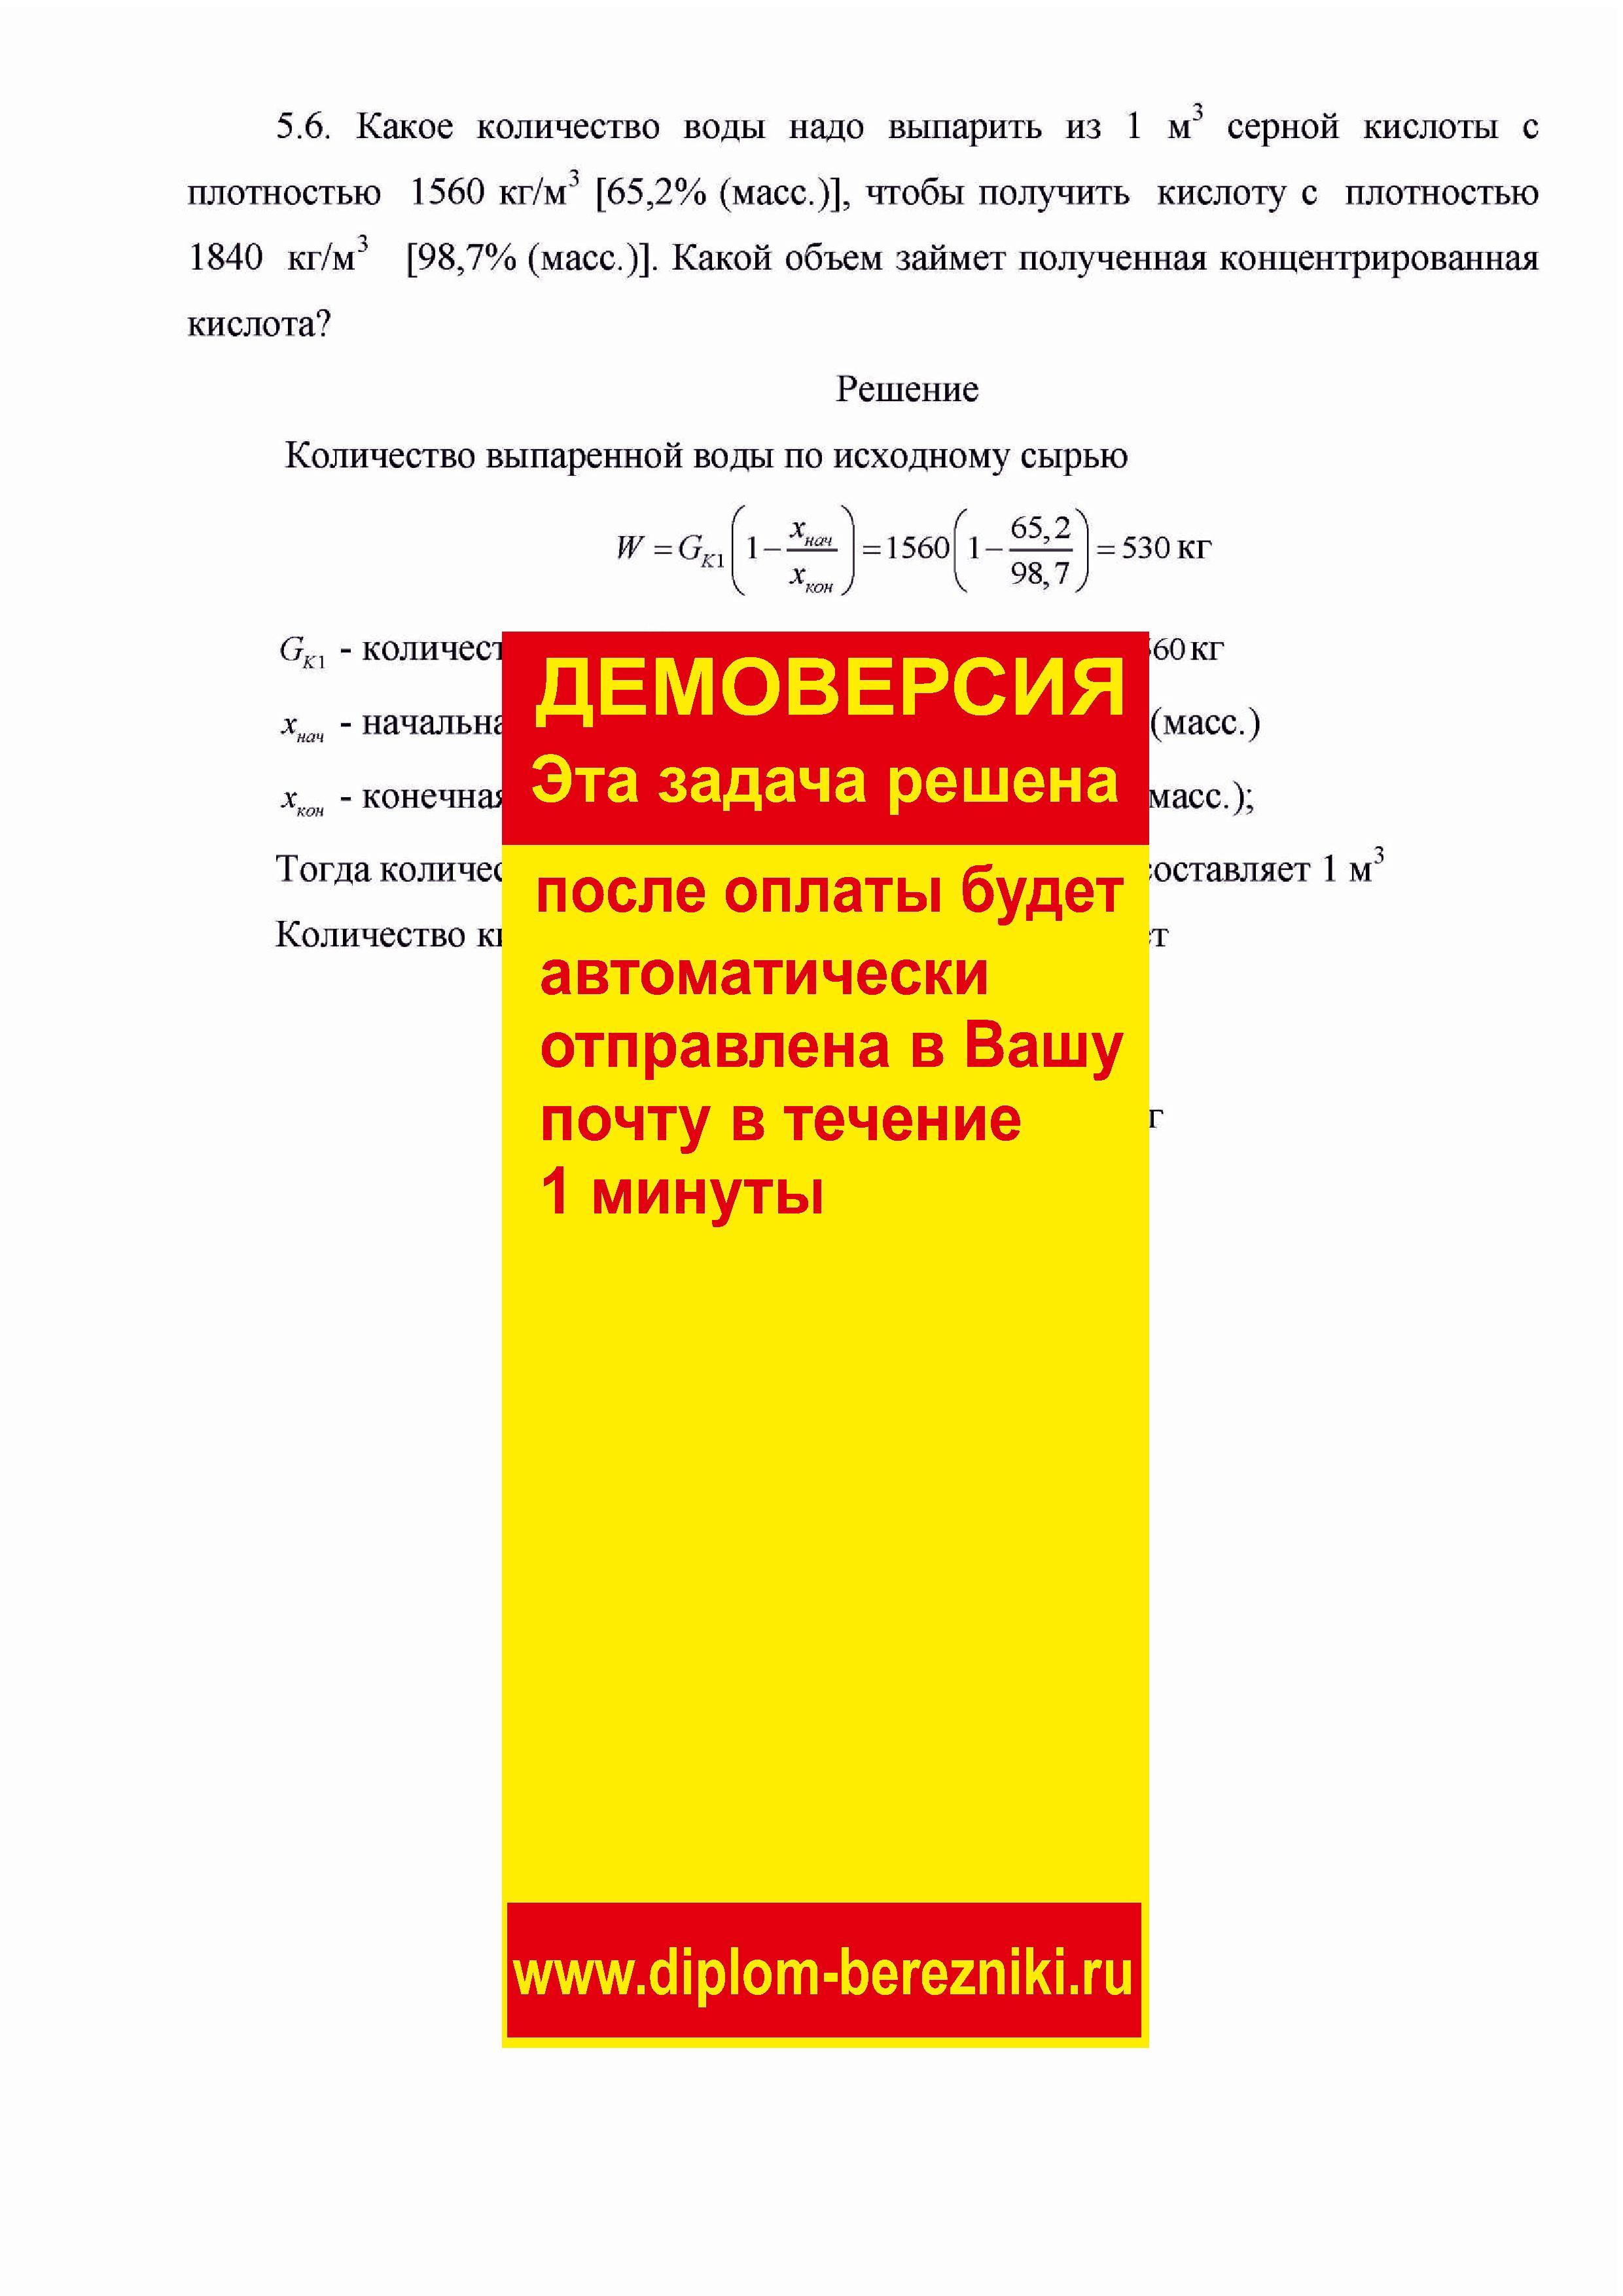 Решение задачи 5.6 по ПАХТ из задачника Павлова Романкова Носкова